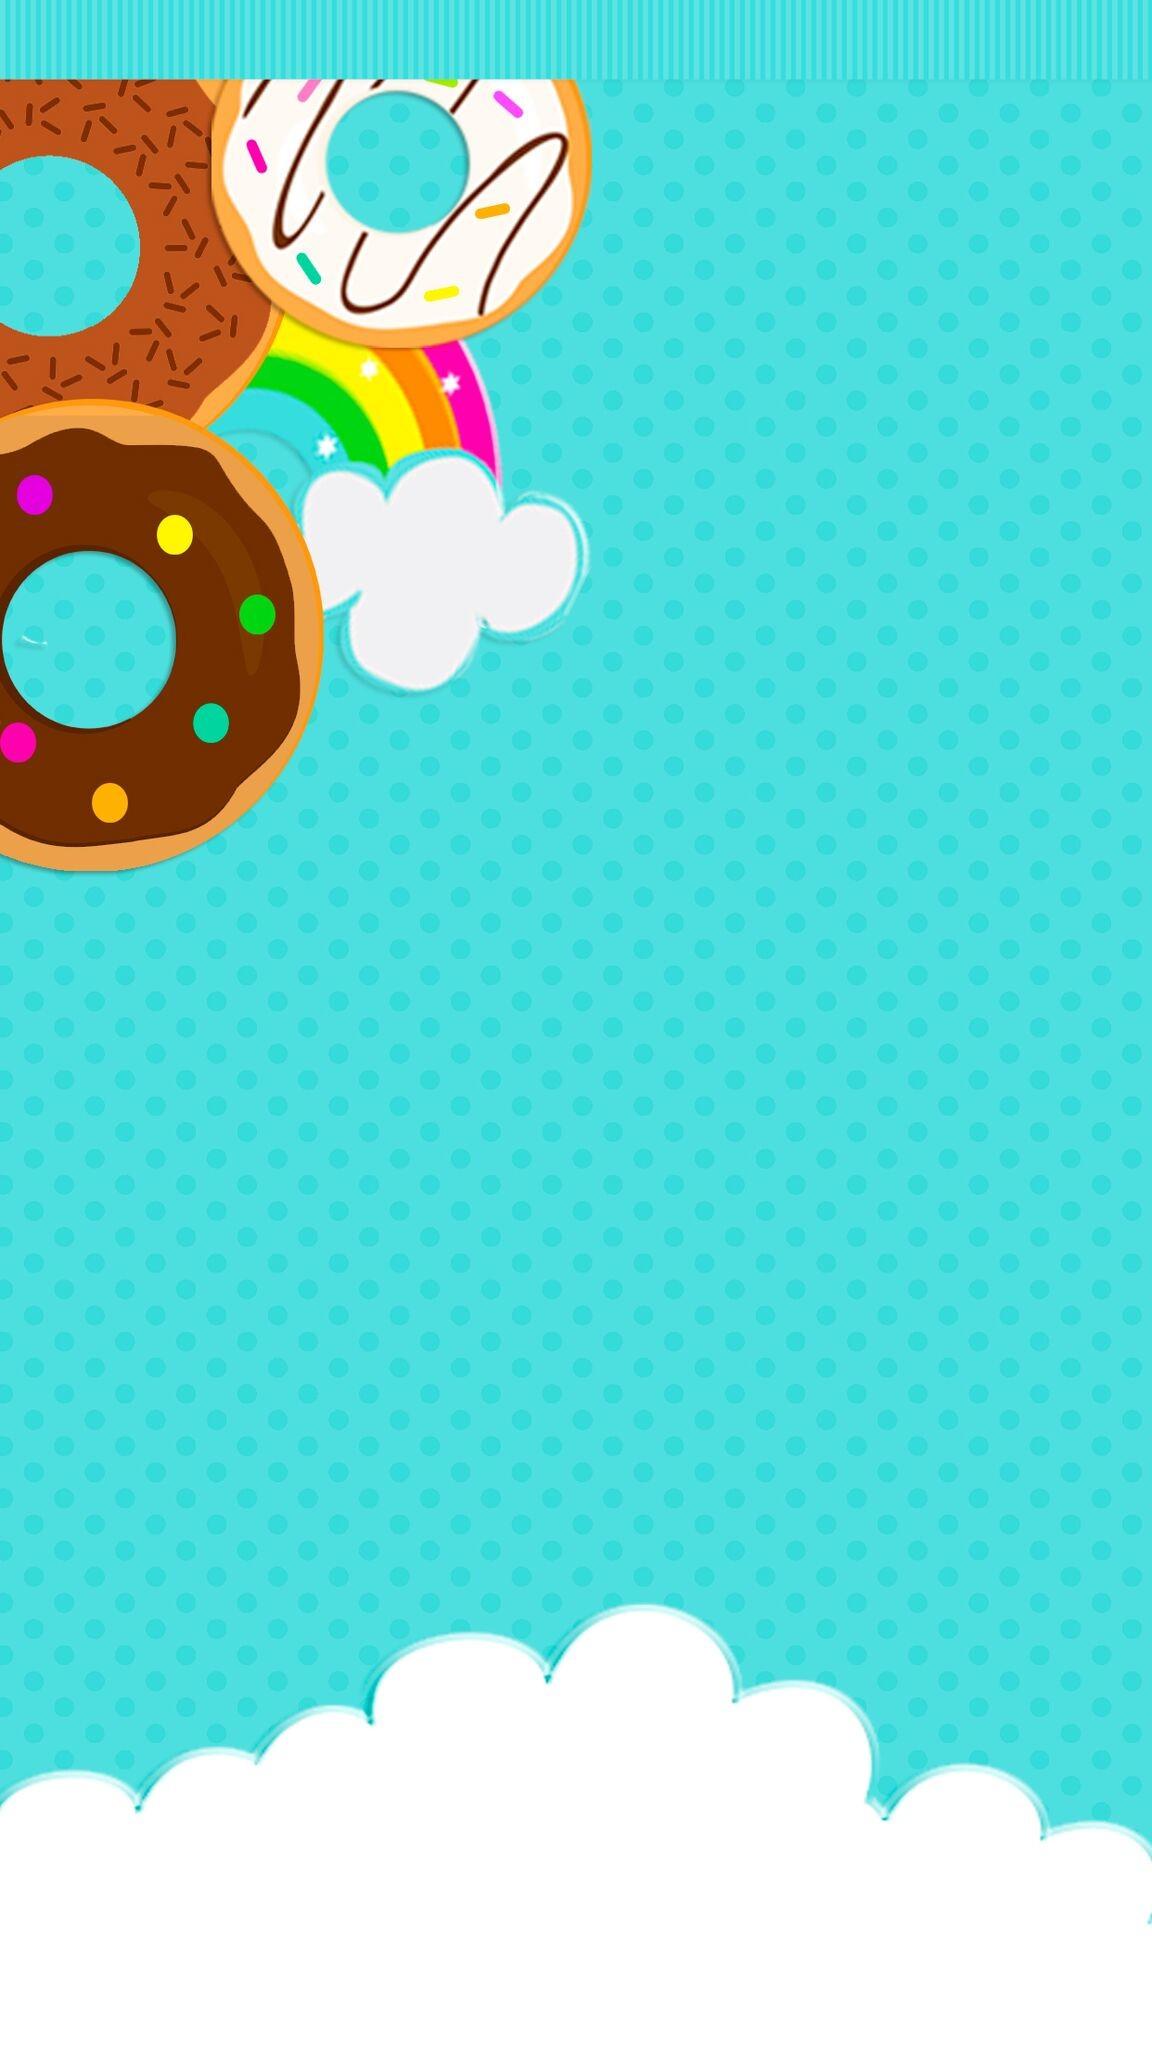 Ofwgkta Wallpaper Hd Odd Future Donut Wallpaper 57 Images